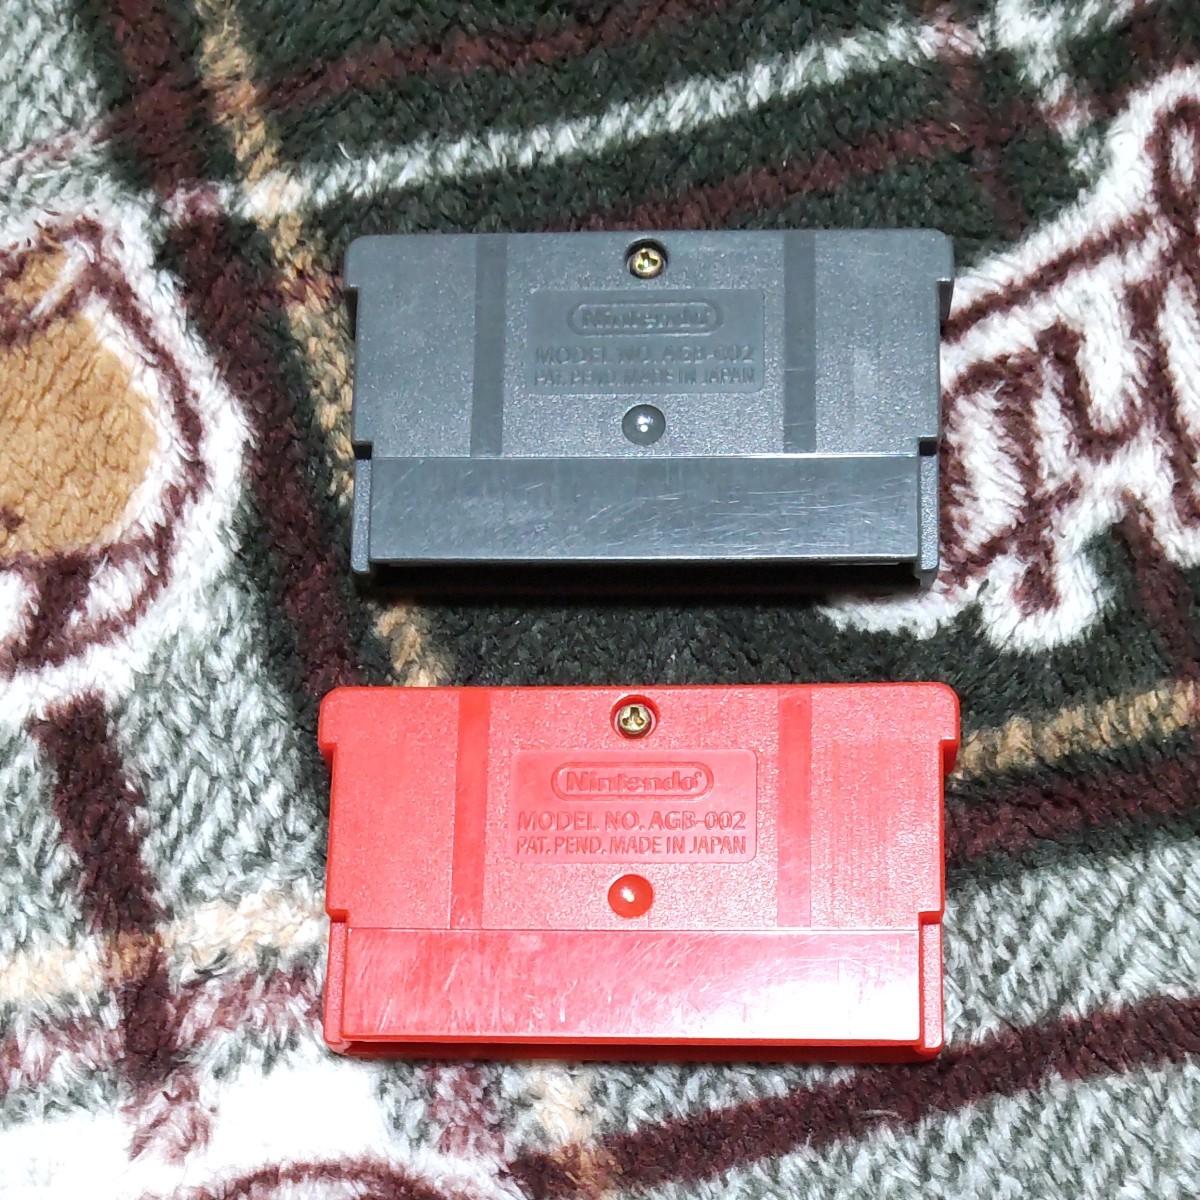 ゲームボーイアドバンスソフト ロックマンエグゼ4 2本セット GBA